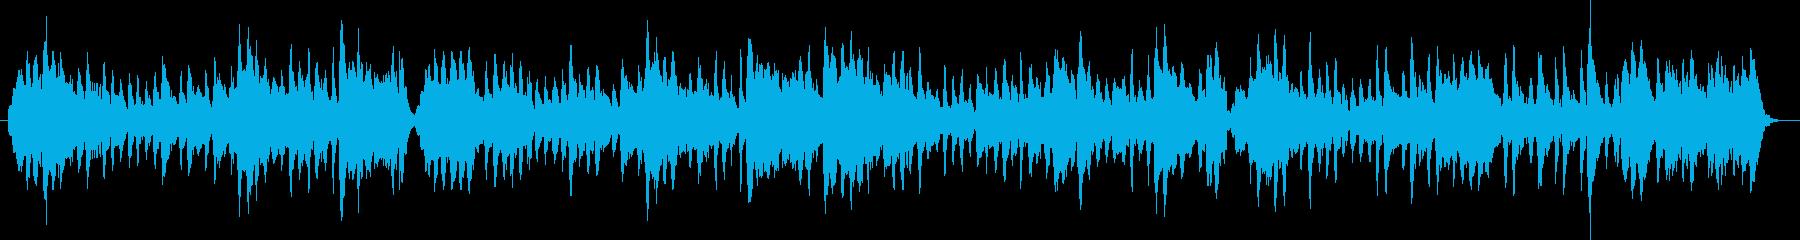 リコーダー縦笛とストリングスのワルツの再生済みの波形